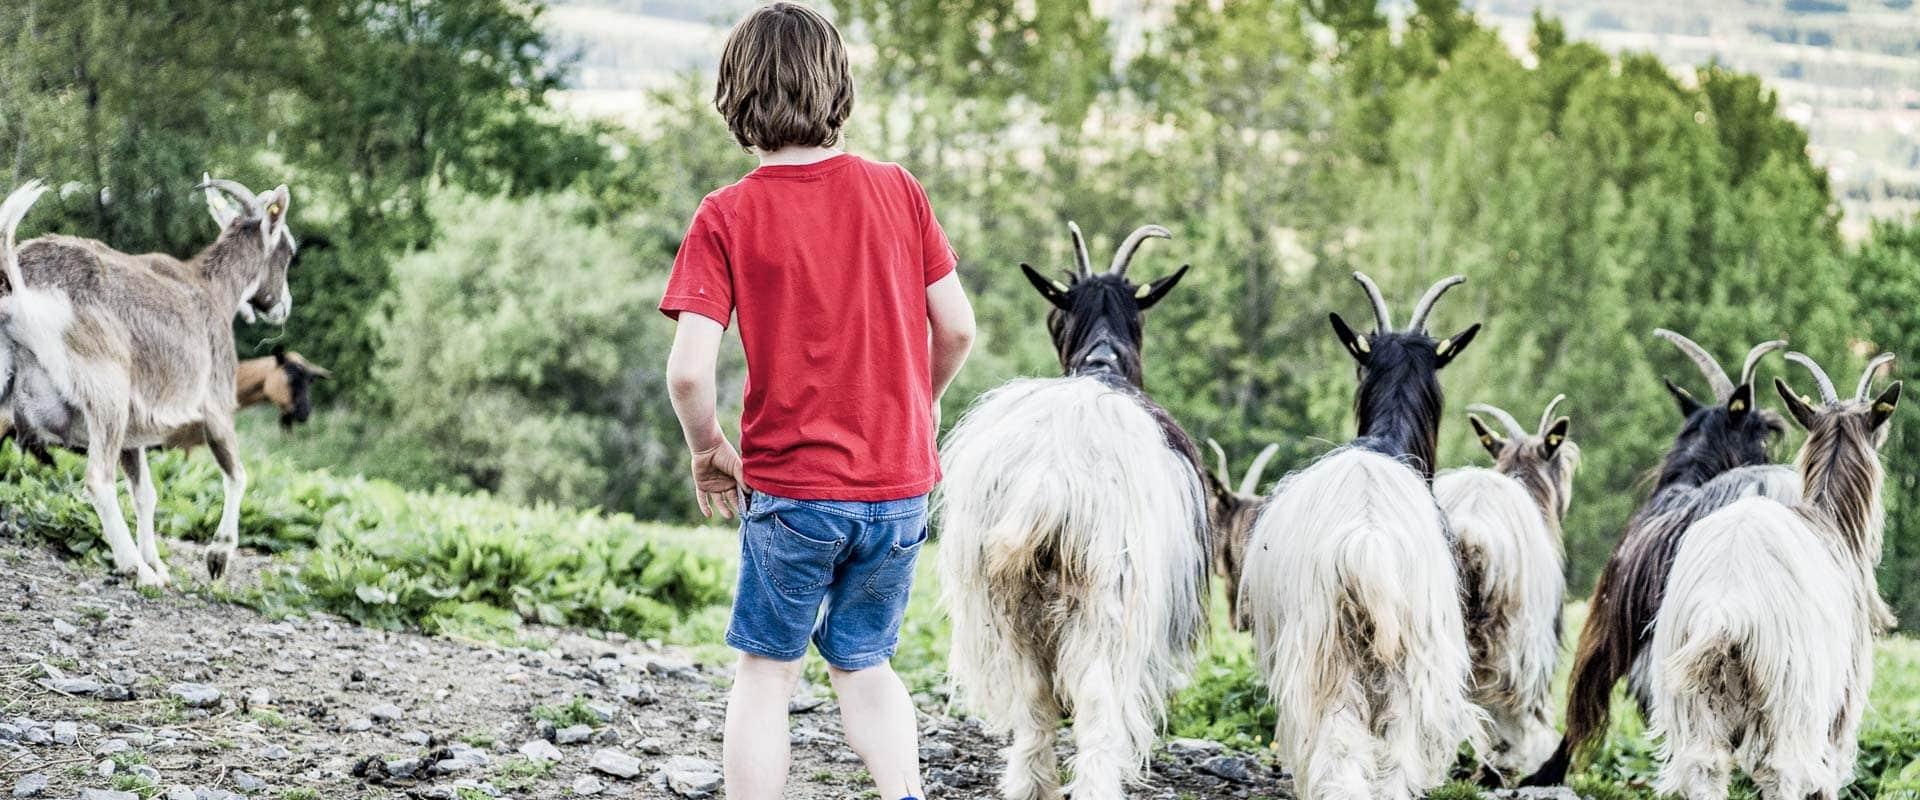 Junge mit Ziegen im Reserve